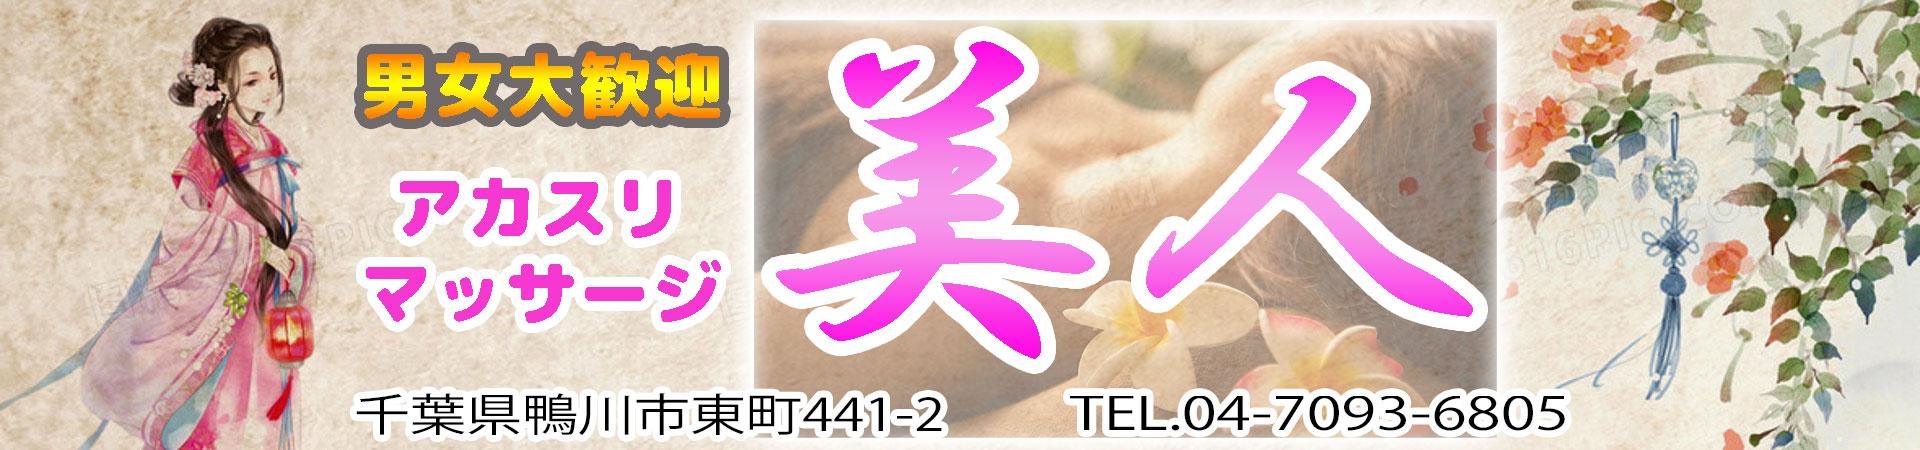 【美人】鴨川/千葉